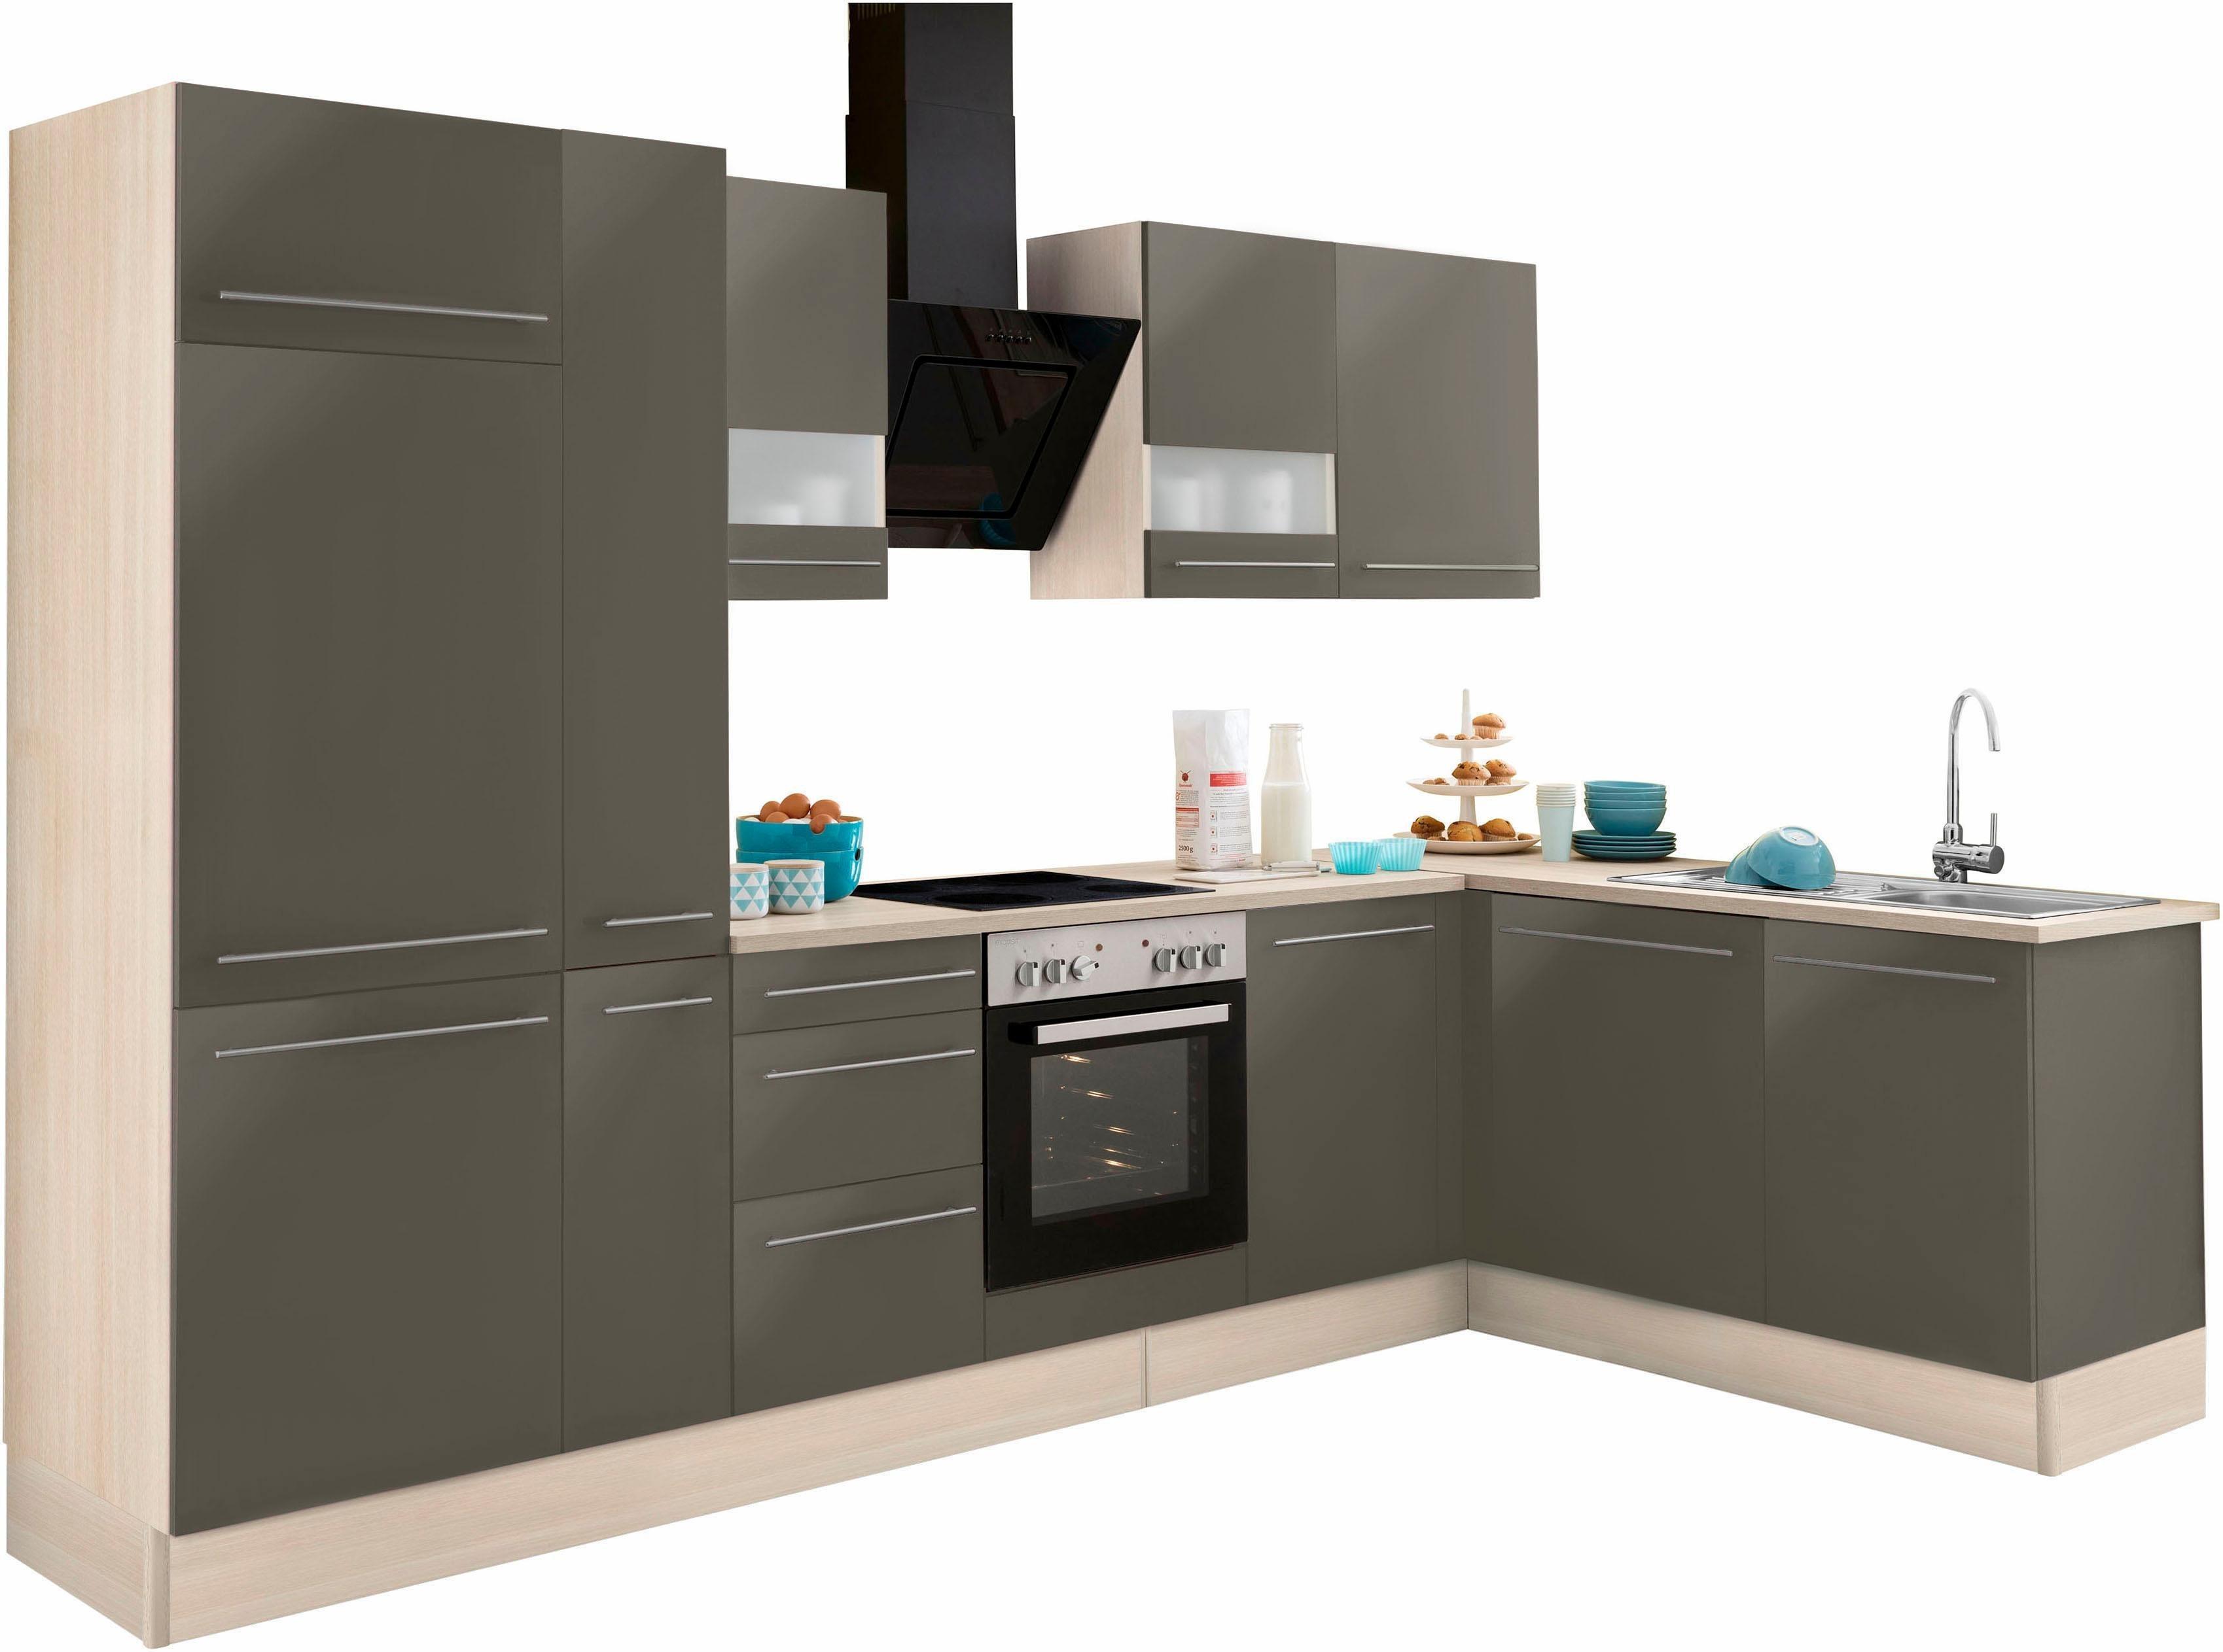 OPTIFIT Winkelküche mit E-Geräten »Bern«, Stellbreite 315 x 175 cm